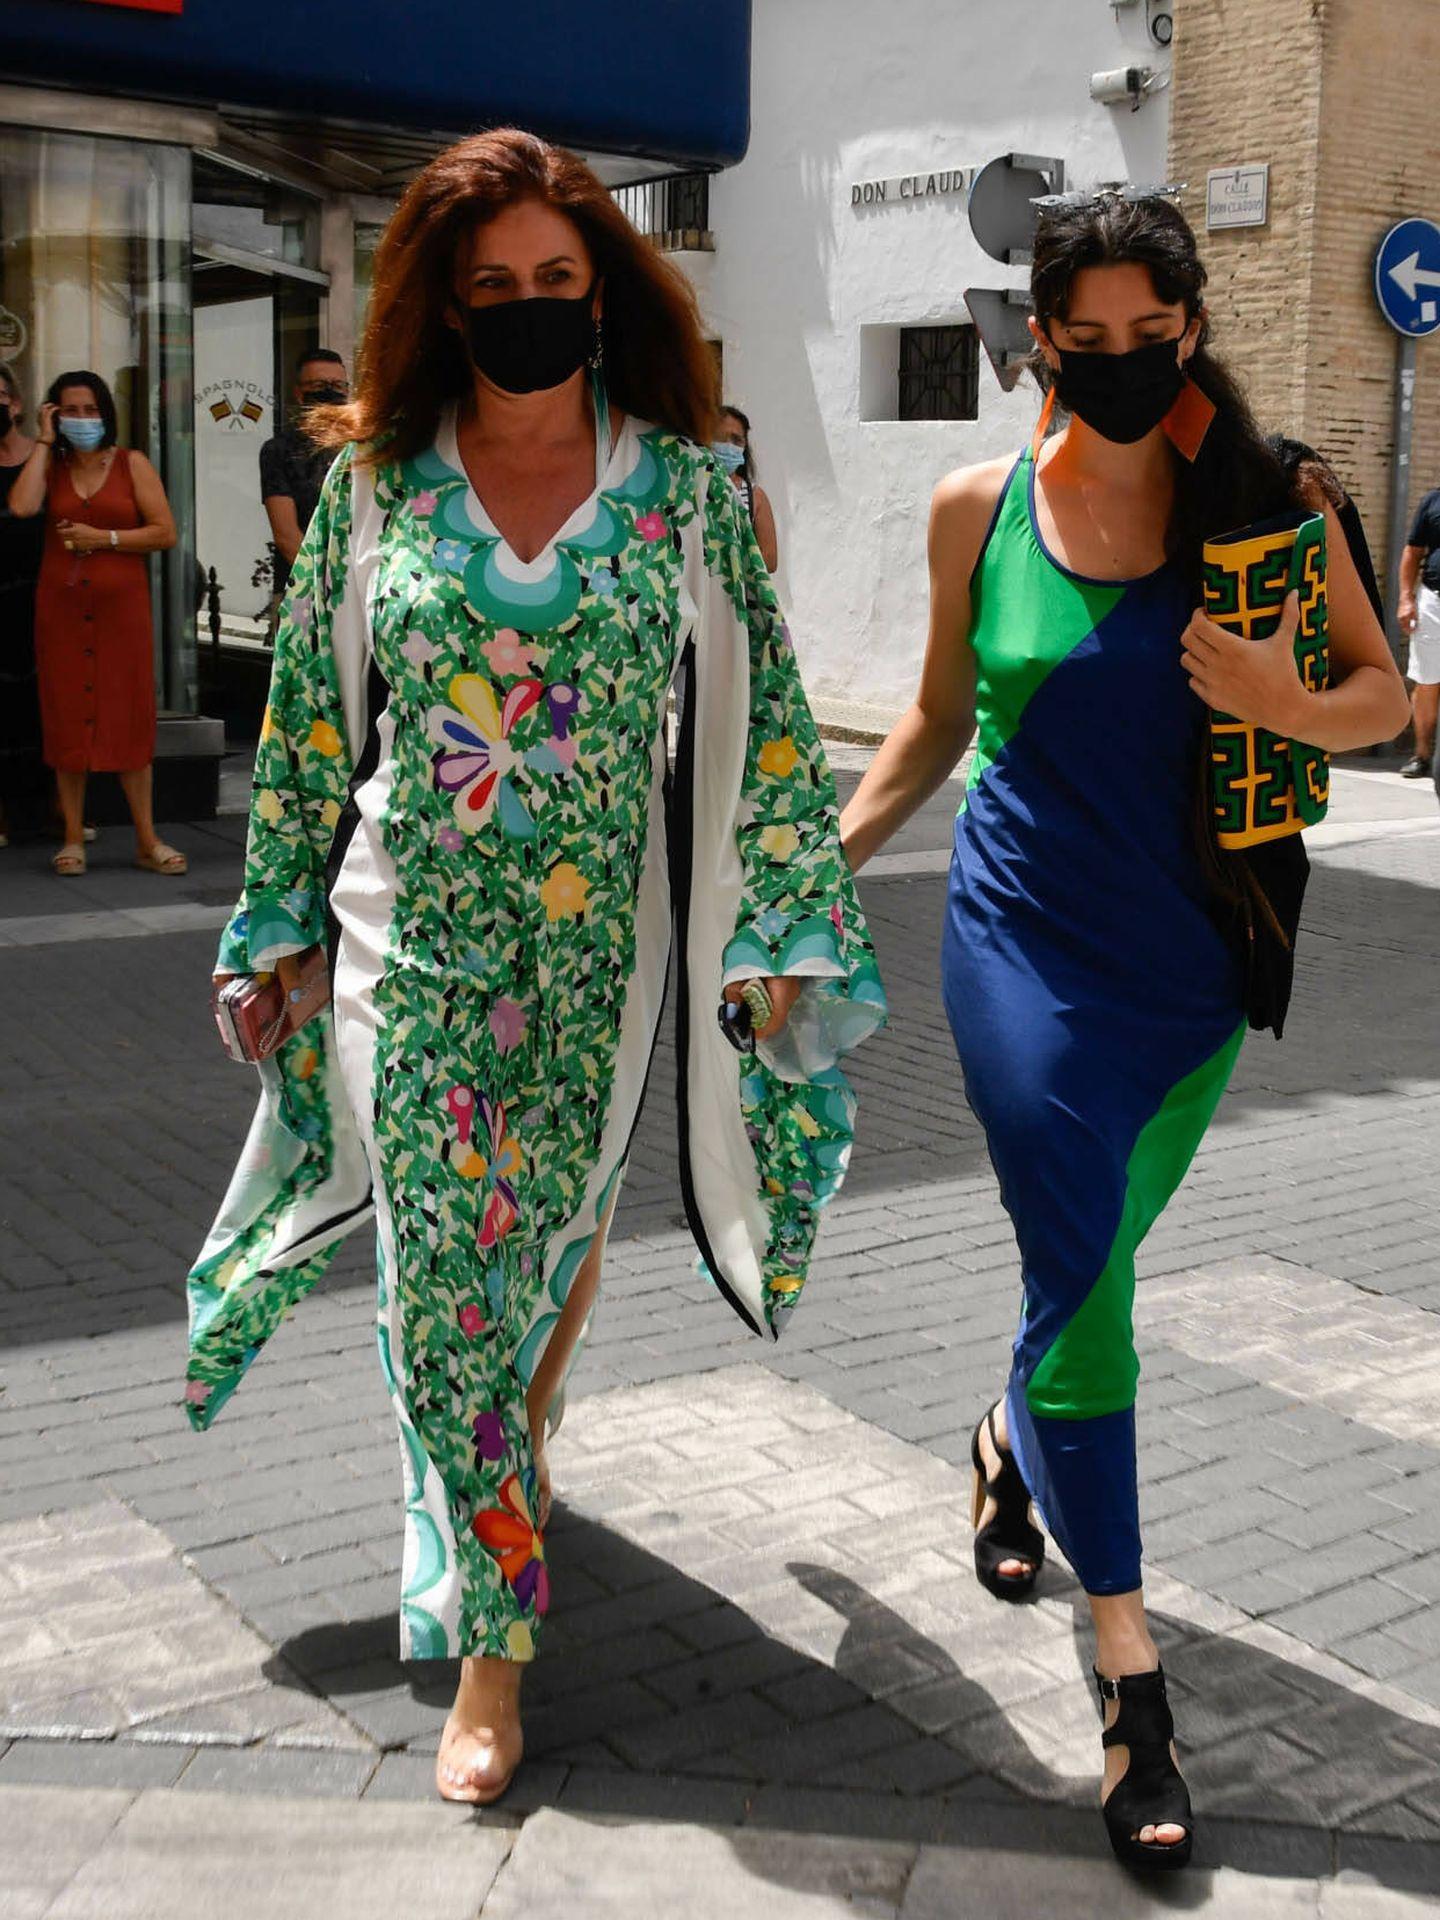 Invitadas de la boda de Ymelda Bilbao. (Gtresonline)